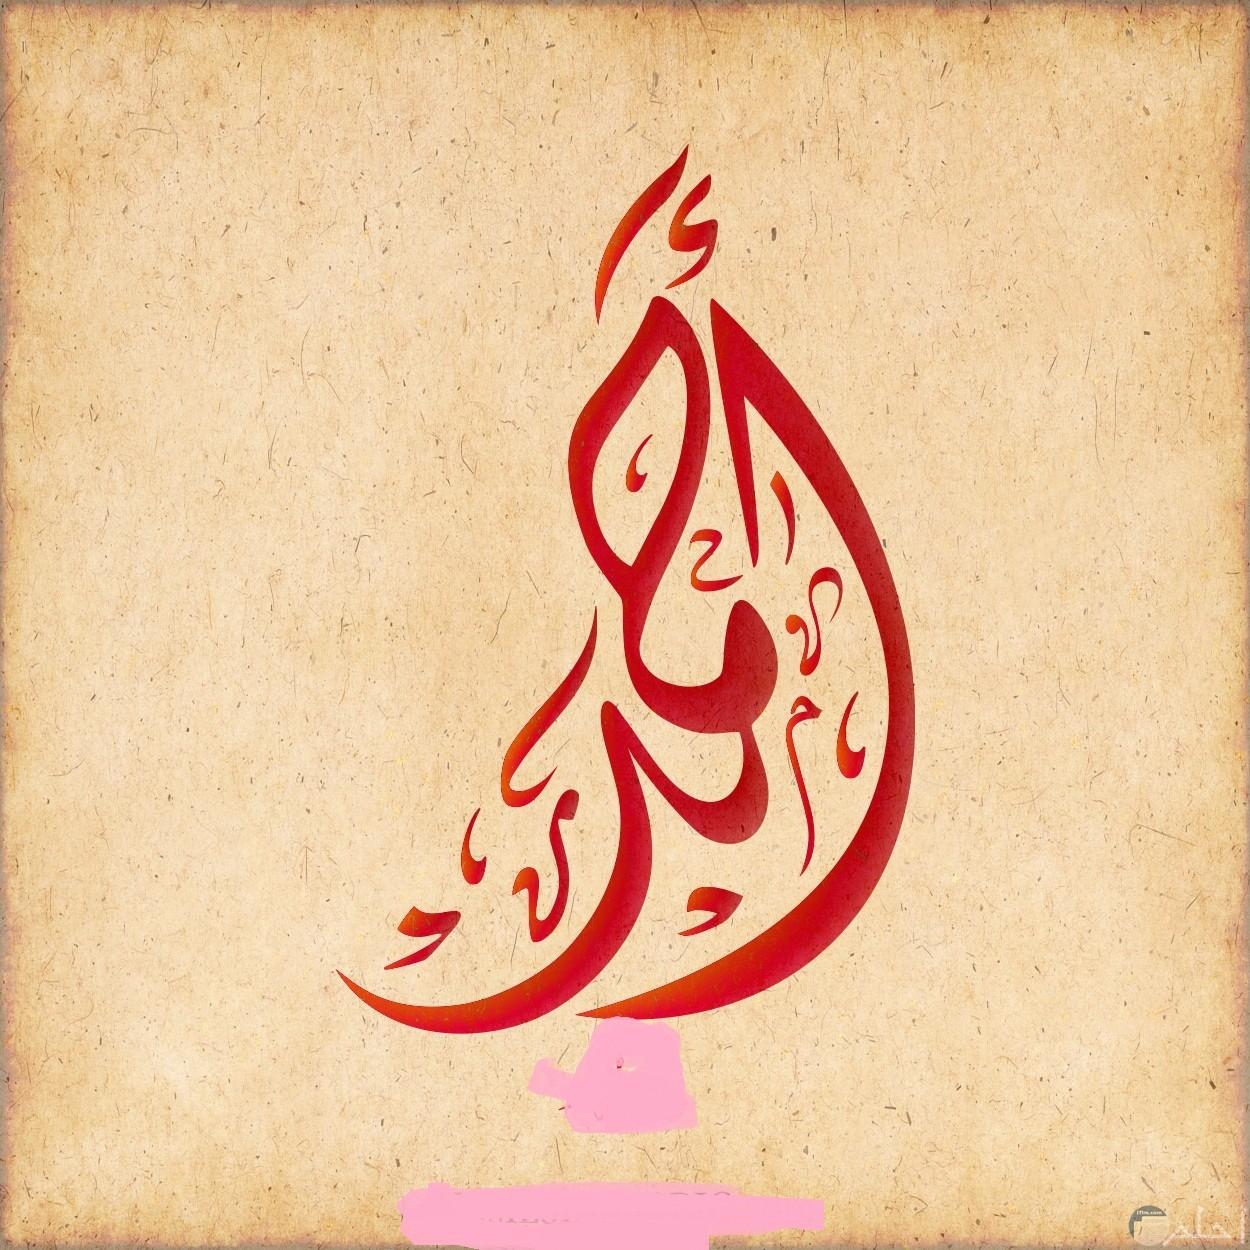 احمد اسم من الحمد